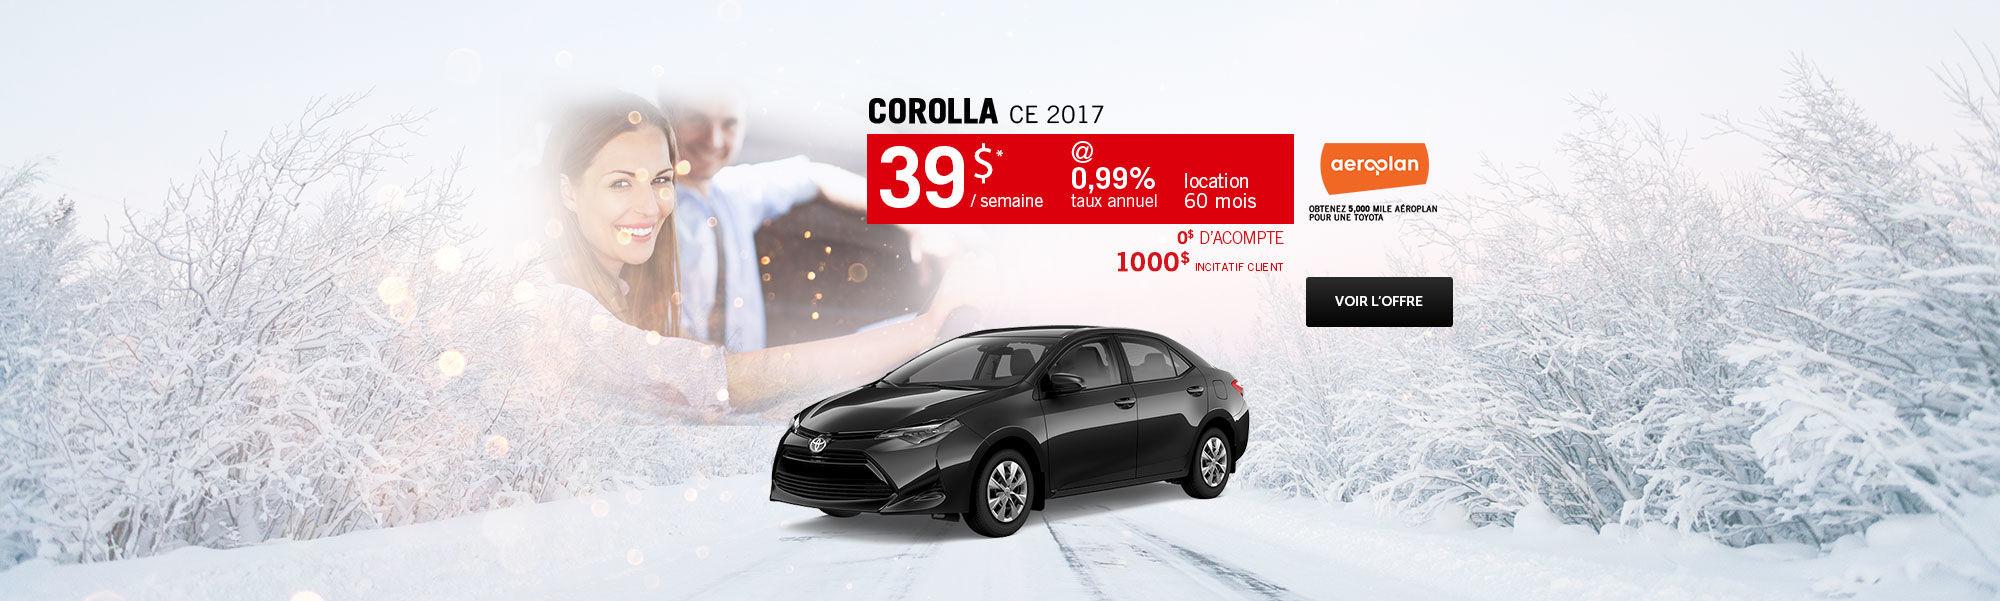 Saison des choix sensés - Corolla